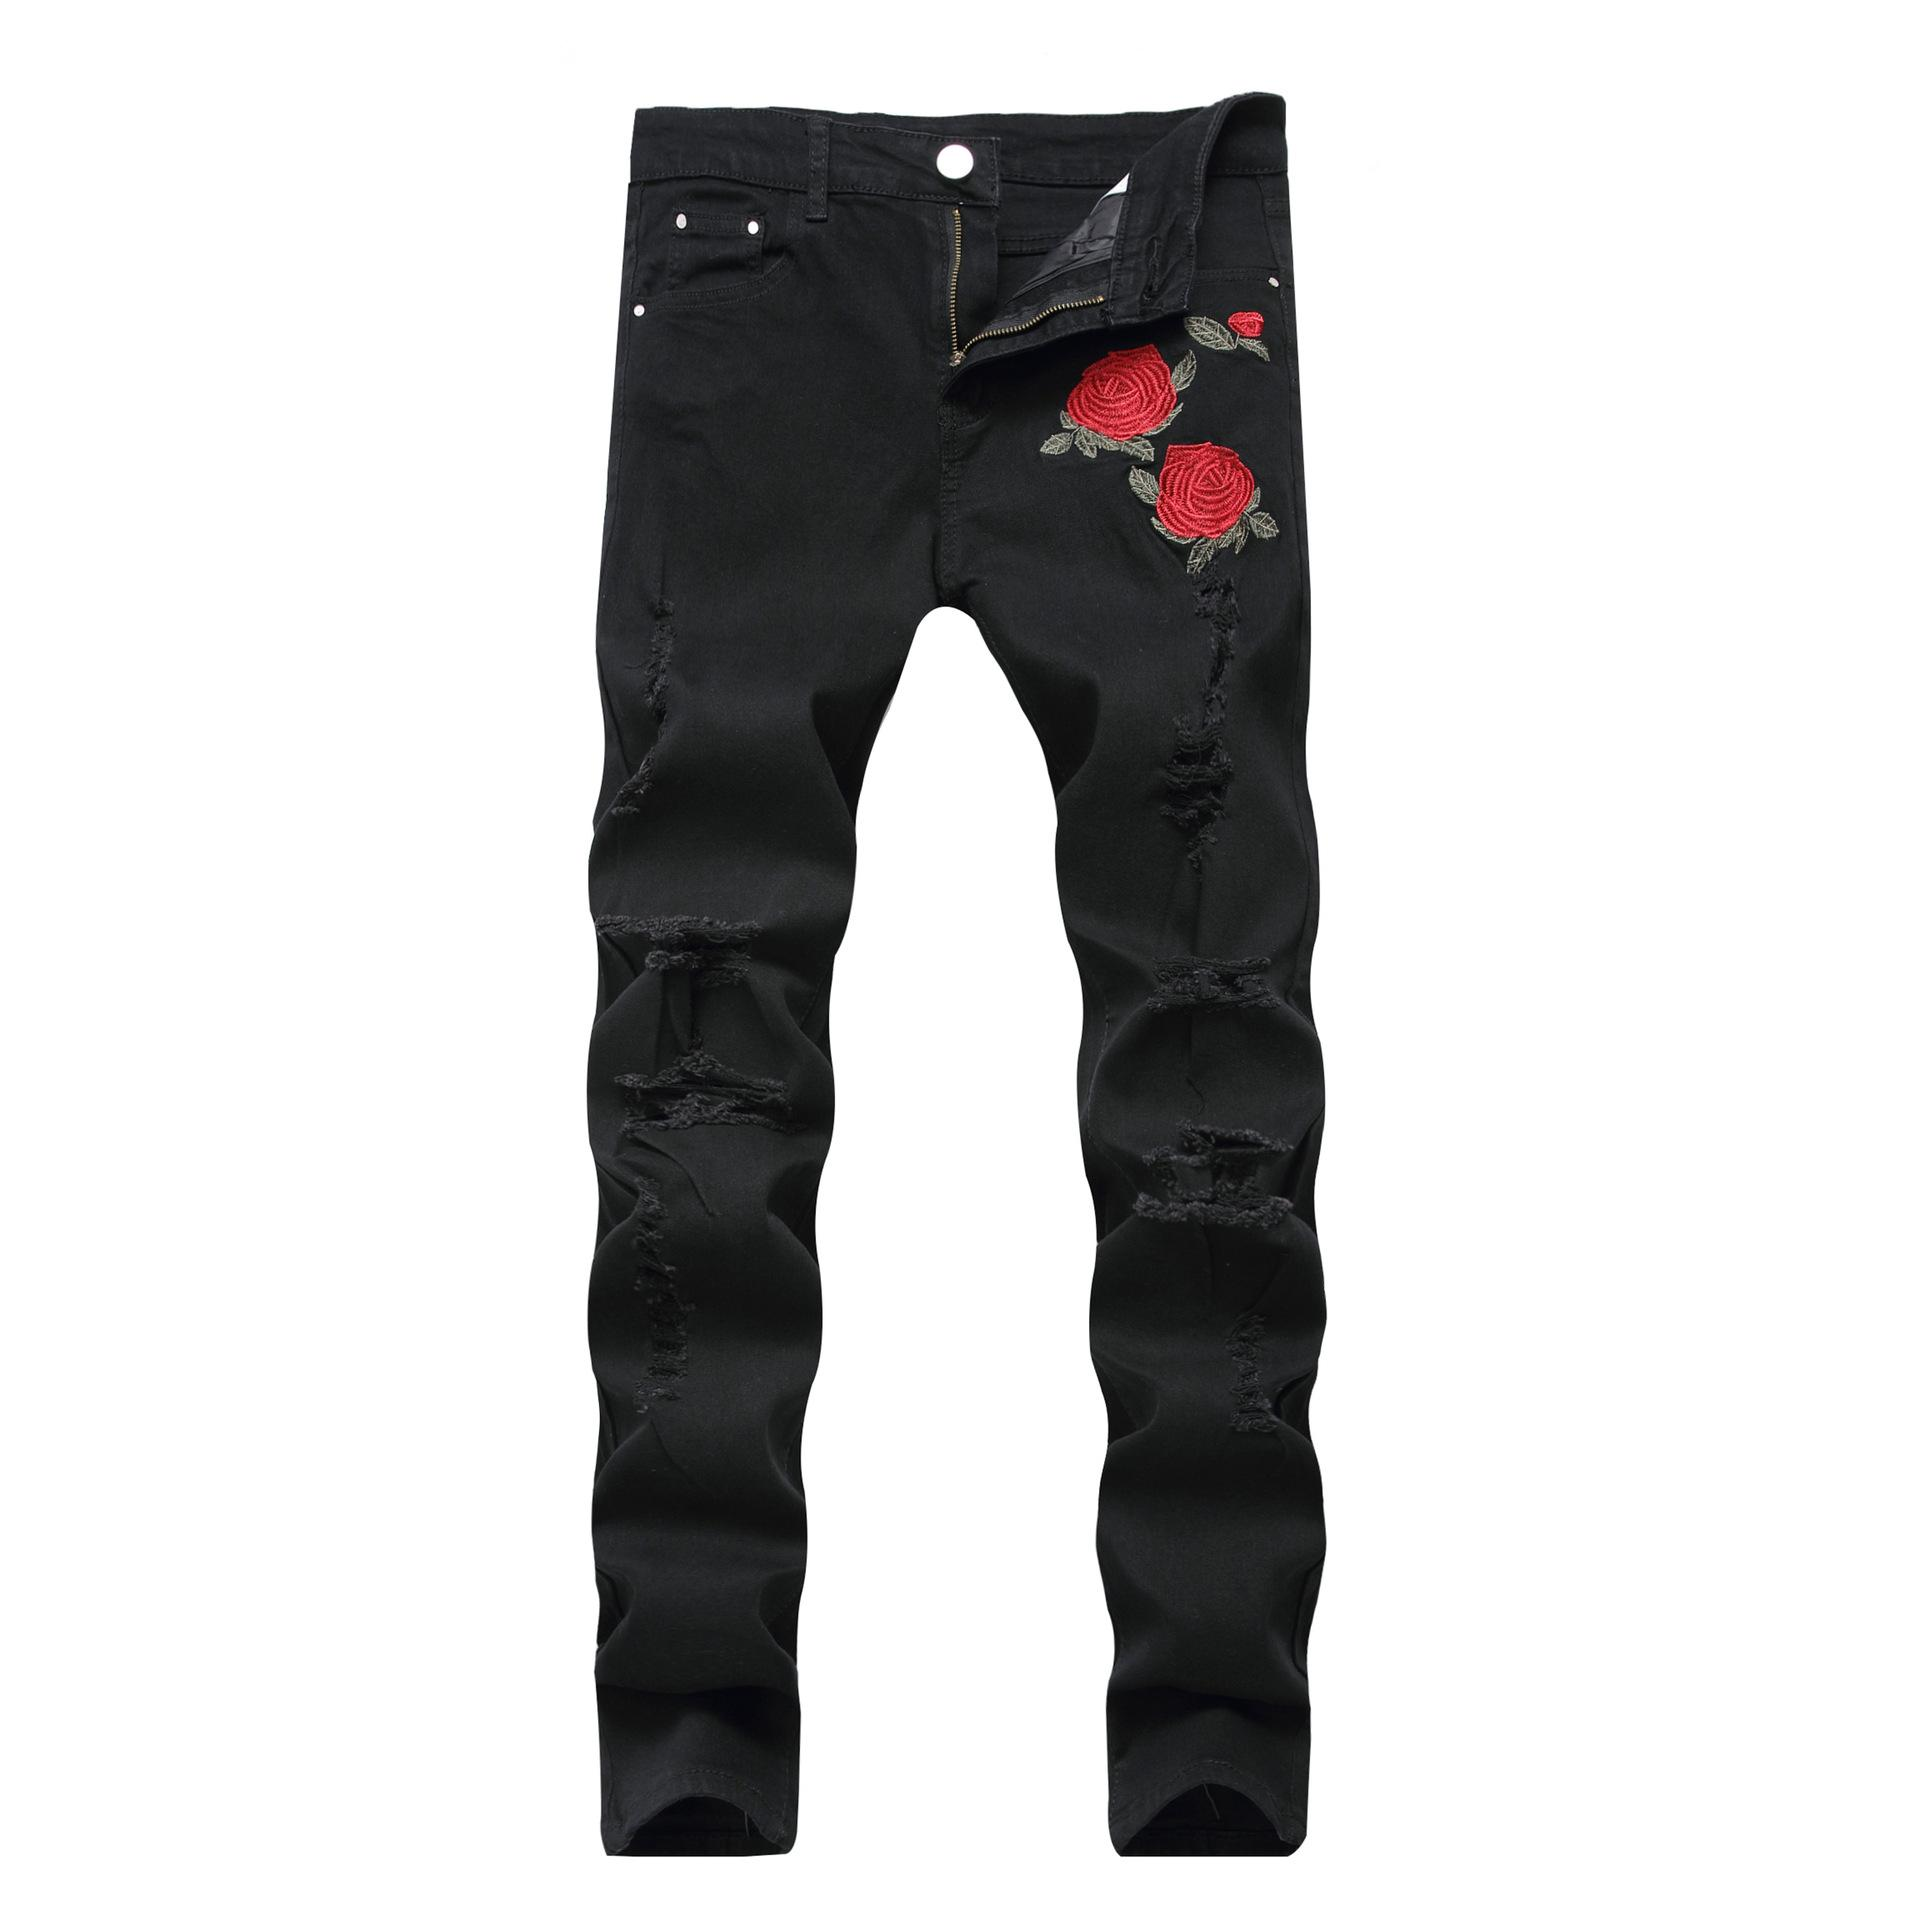 2019 Designer Rose Stickerei Herren Jeans Hallo-Straße Slim Fit Schwarz Blau elastische Jeans Männer gebrochenes Loch-Denim-Jeans Großhandel